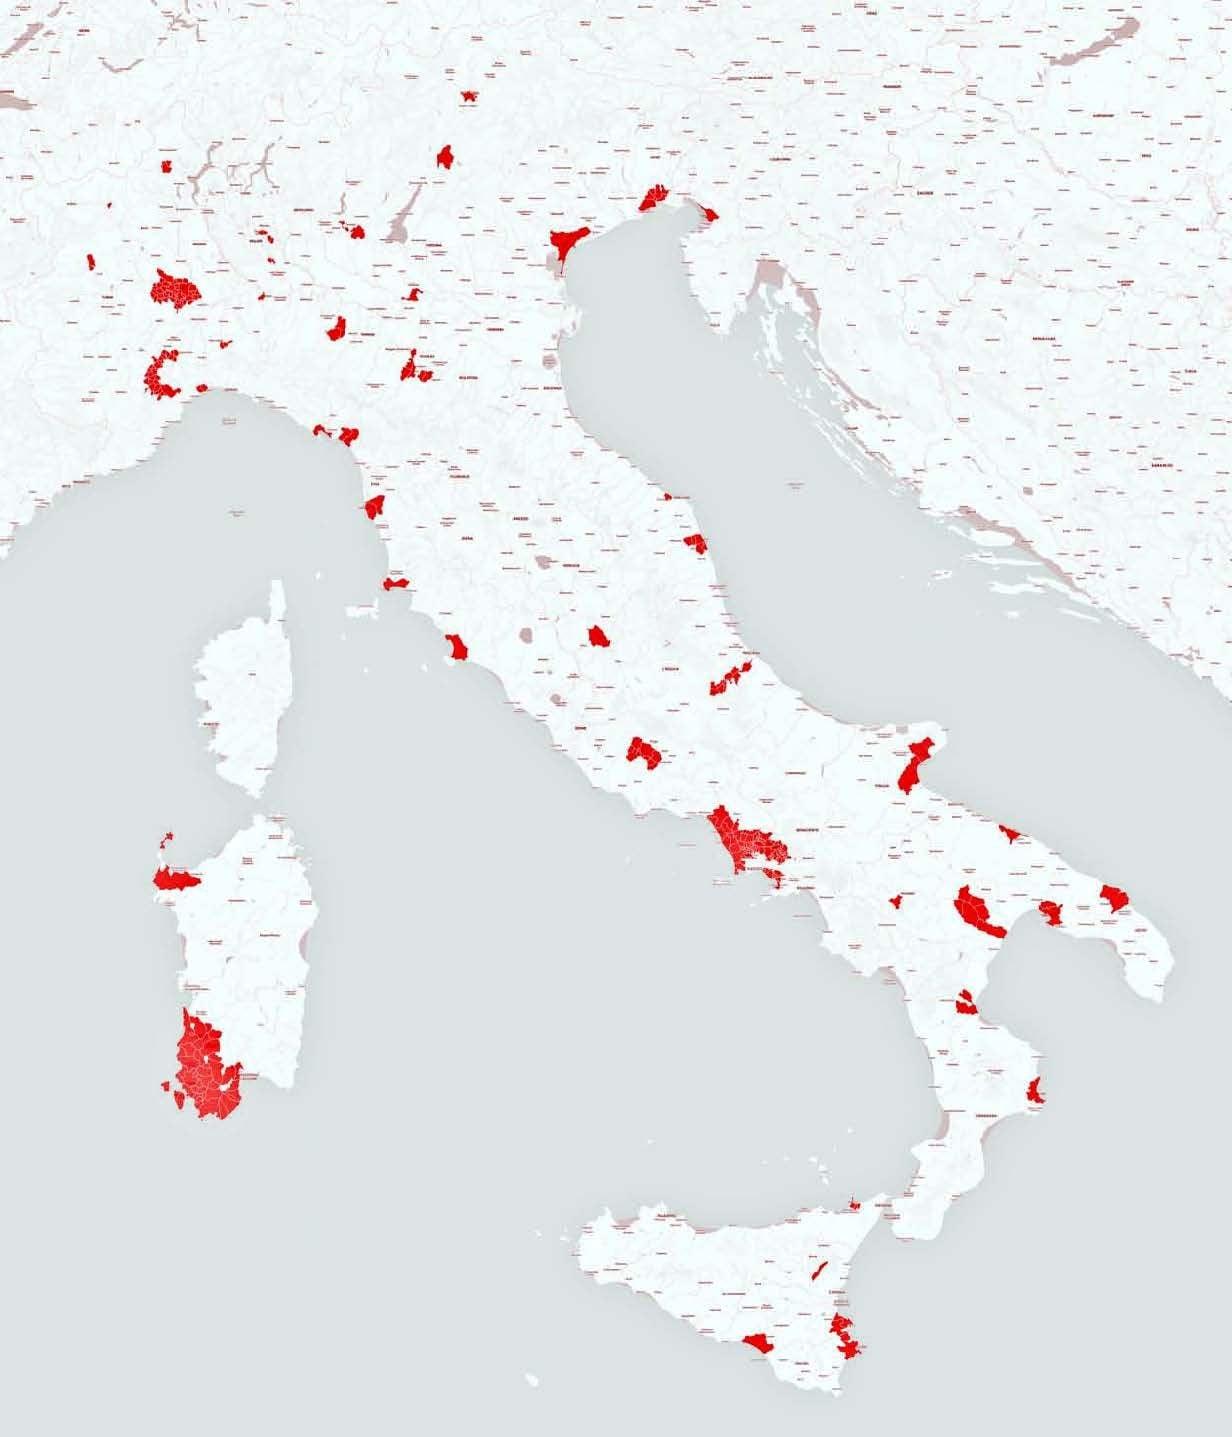 Le aree in rosso mostrano i territori dove è presente un eccesso di mortalità, tumori e malattie congenite (SENTIERI)